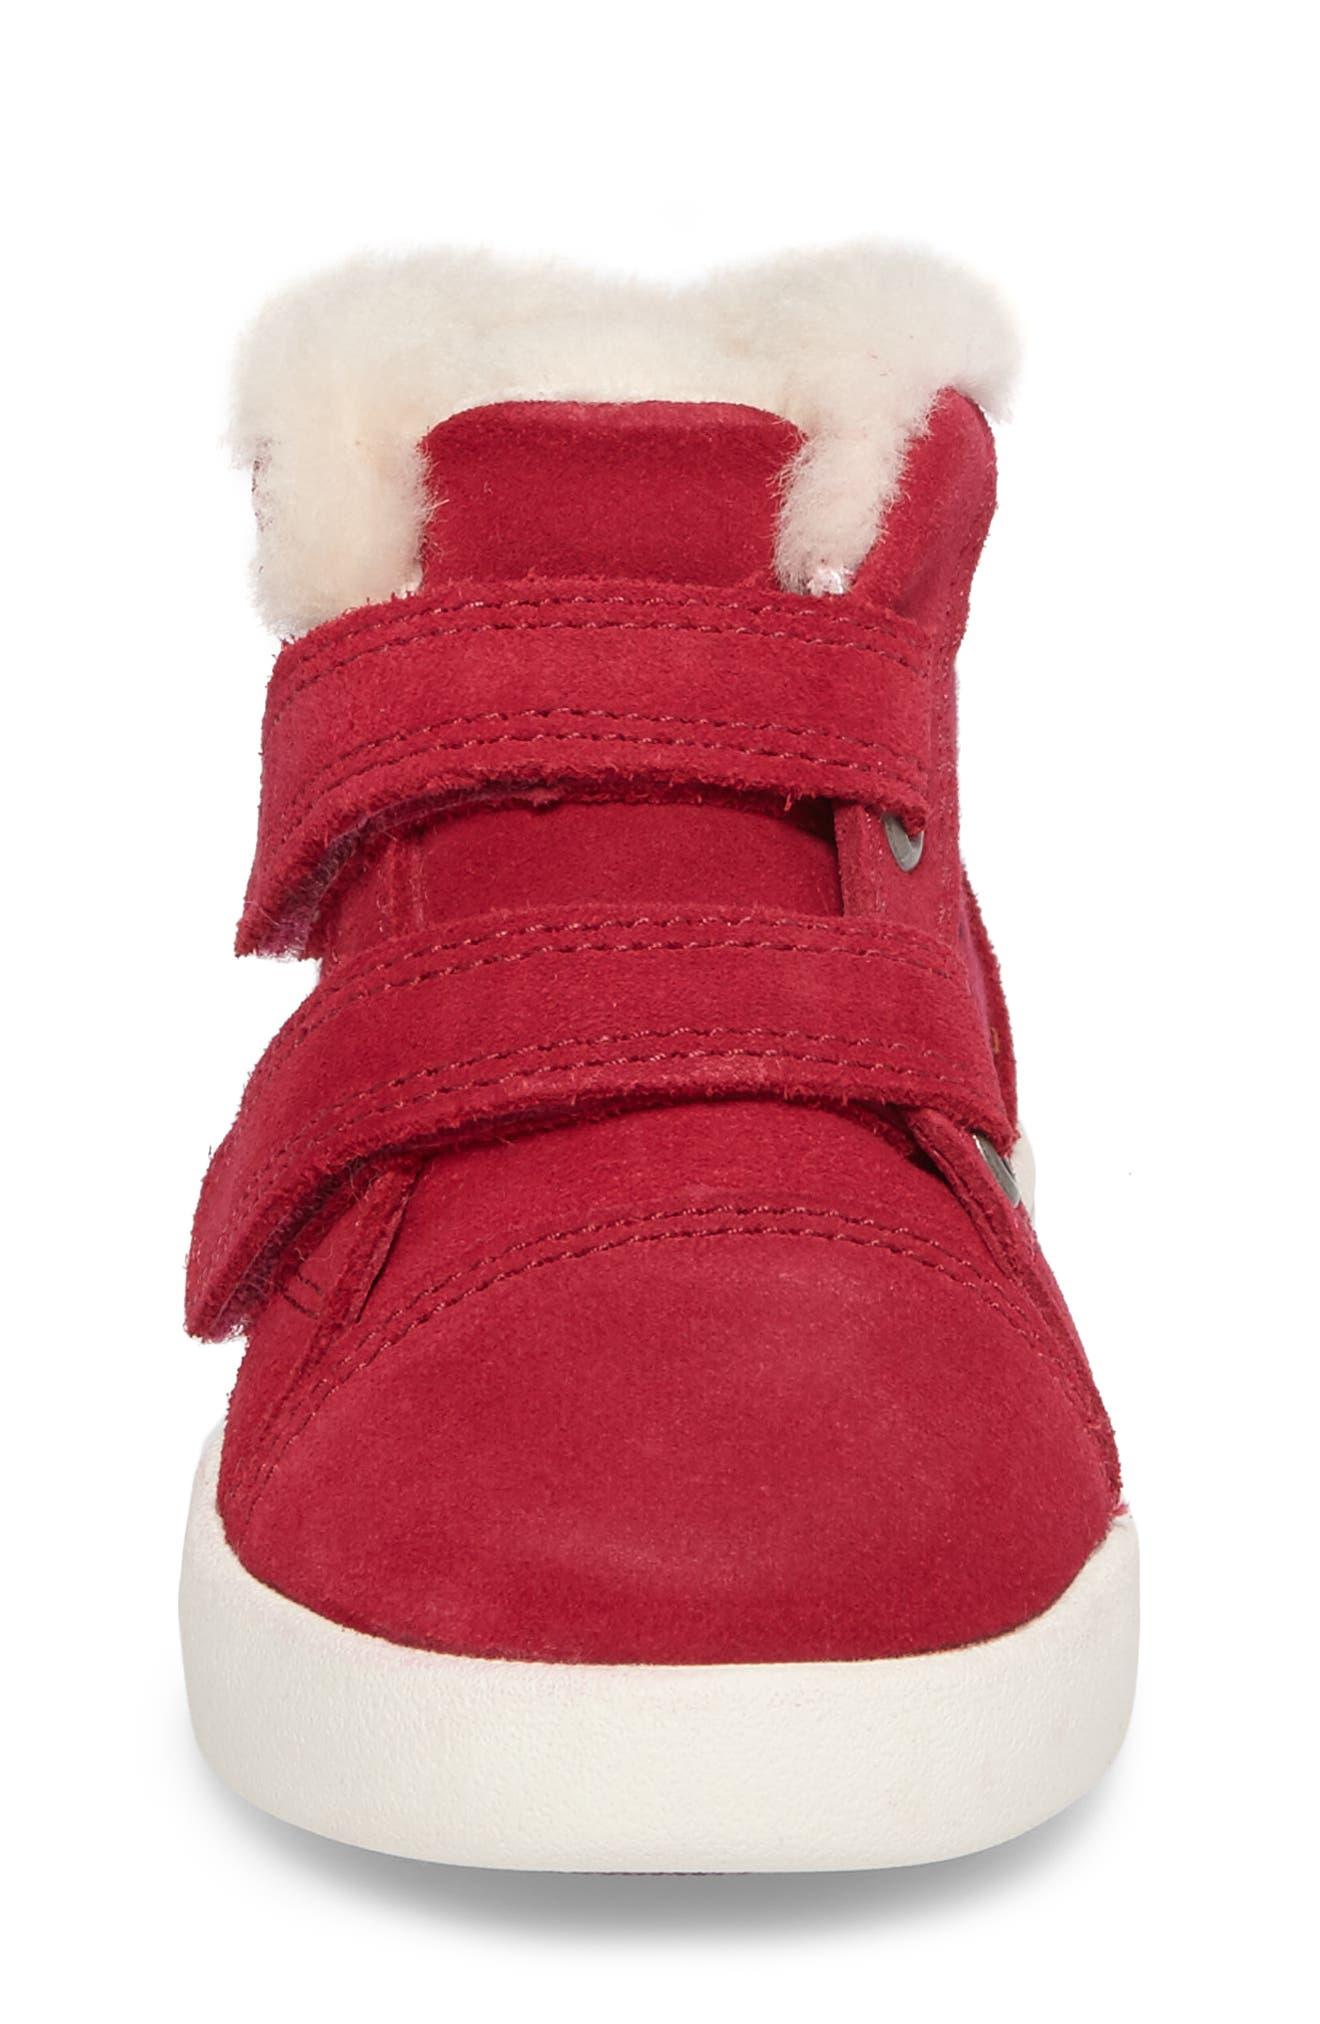 Rennon Stars High Top Sneaker,                             Alternate thumbnail 4, color,                             650